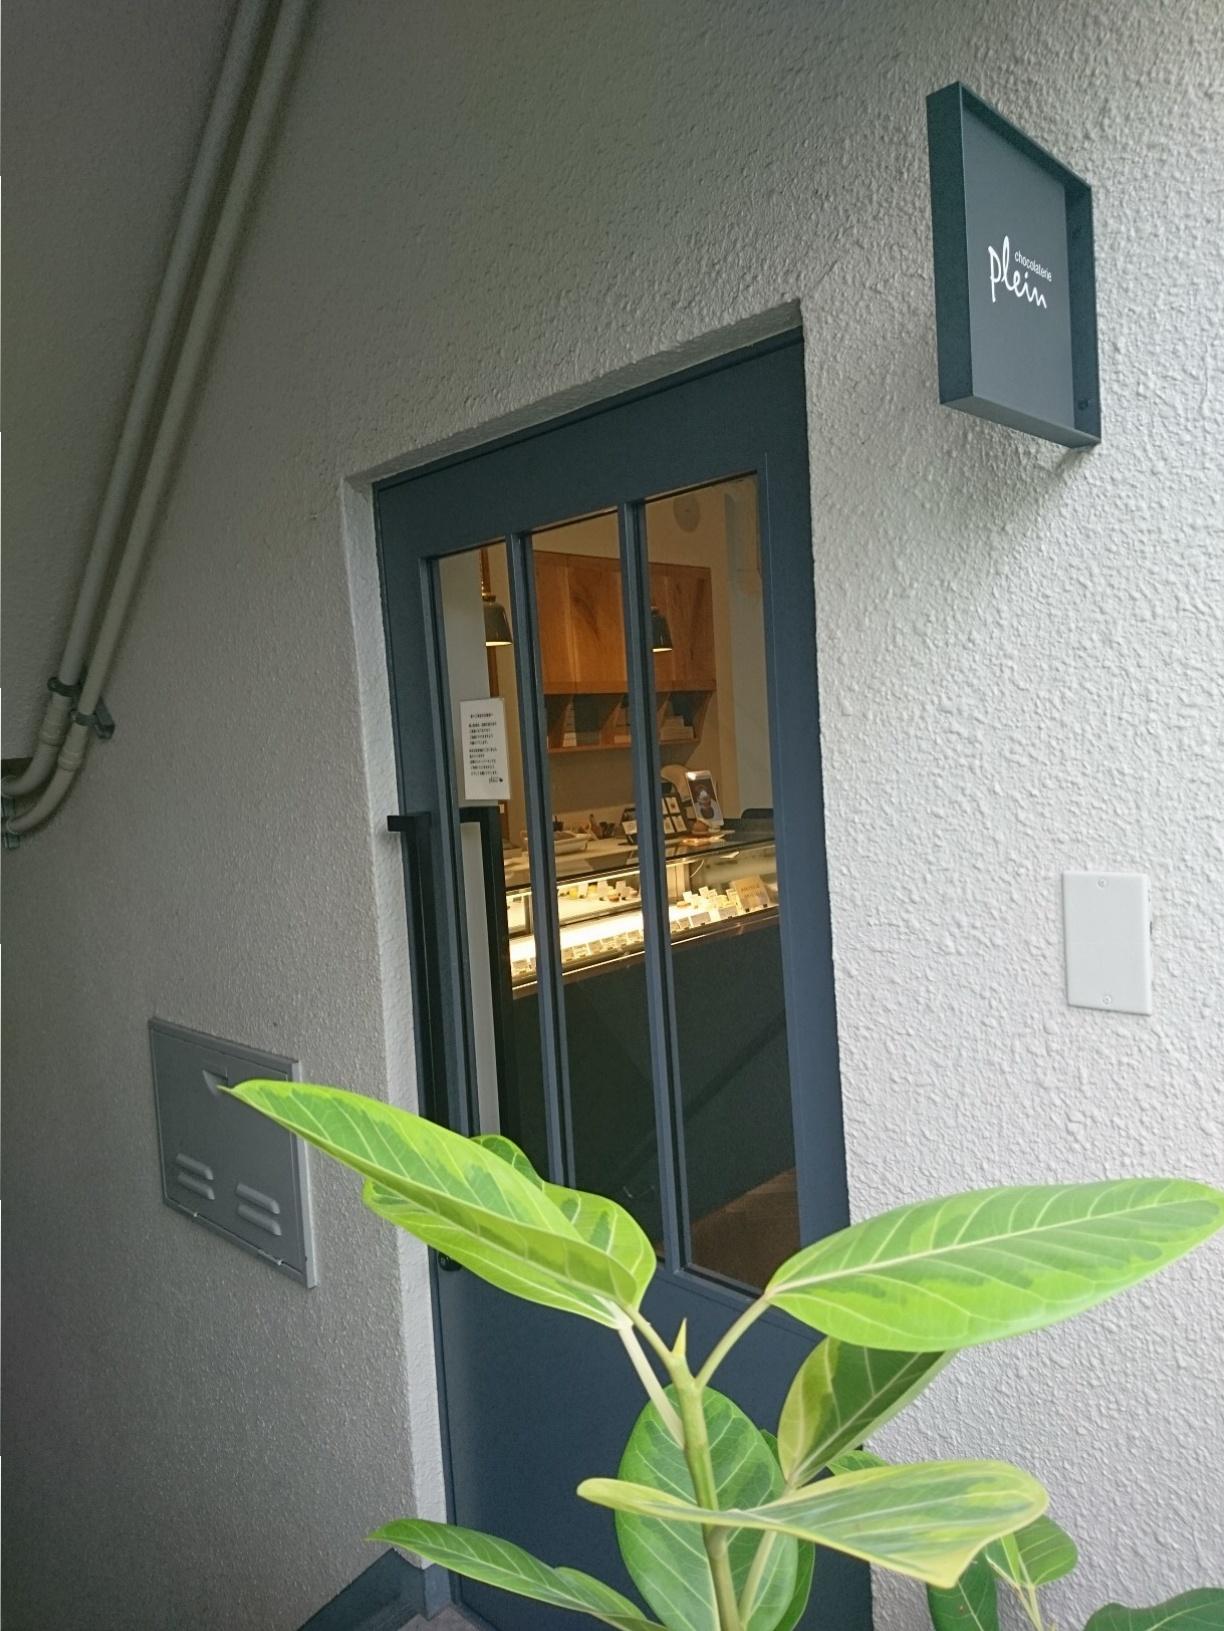 ≪関西・兵庫県≫美味しさにリピート率高☆パティスリー&チョコレート店のパフェ♡_2